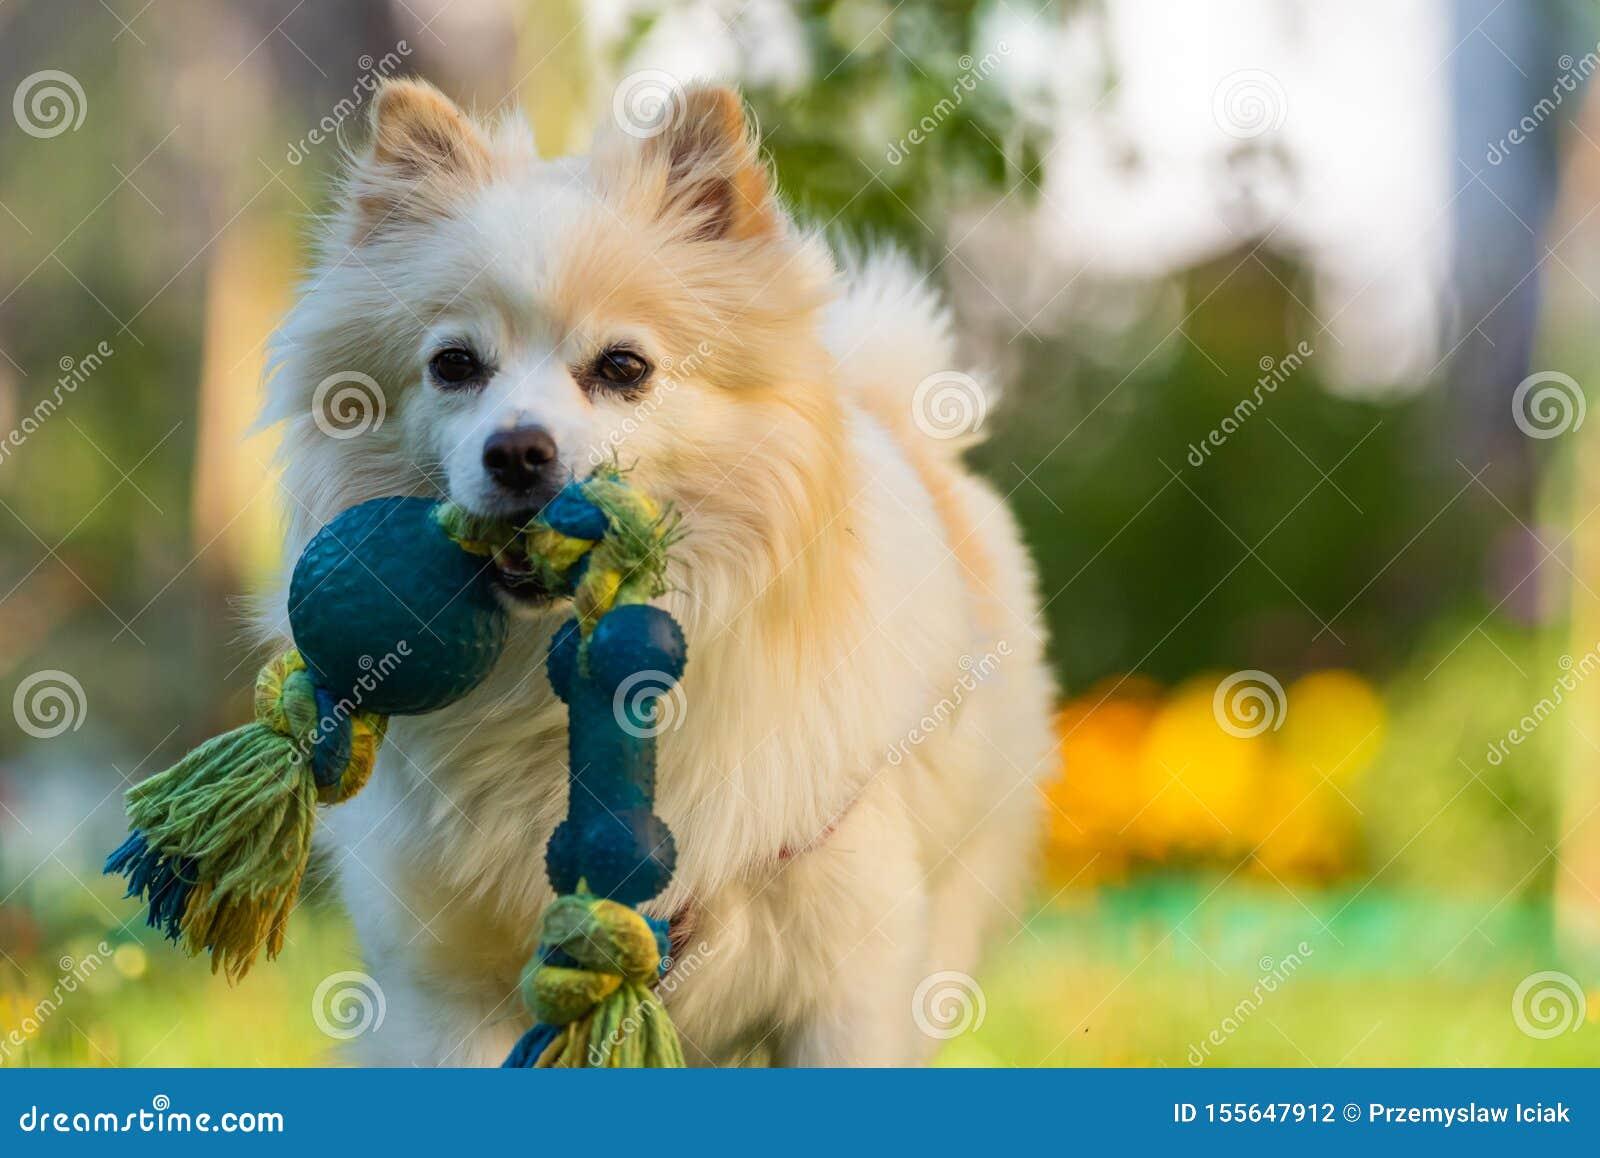 Perro blanco hermoso - klein alemán pomeranian del perro de Pomerania que trae un juguete que corre hacia cámara